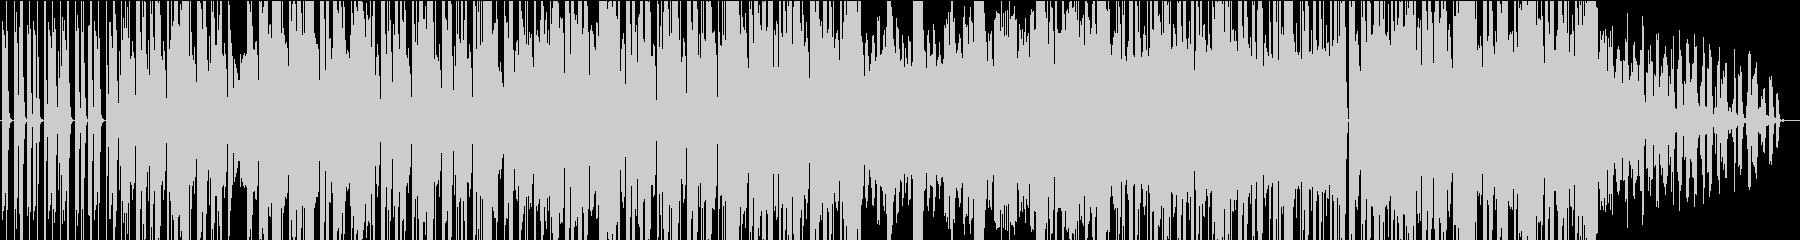 ドラムンベース/エレクトロテック。...の未再生の波形